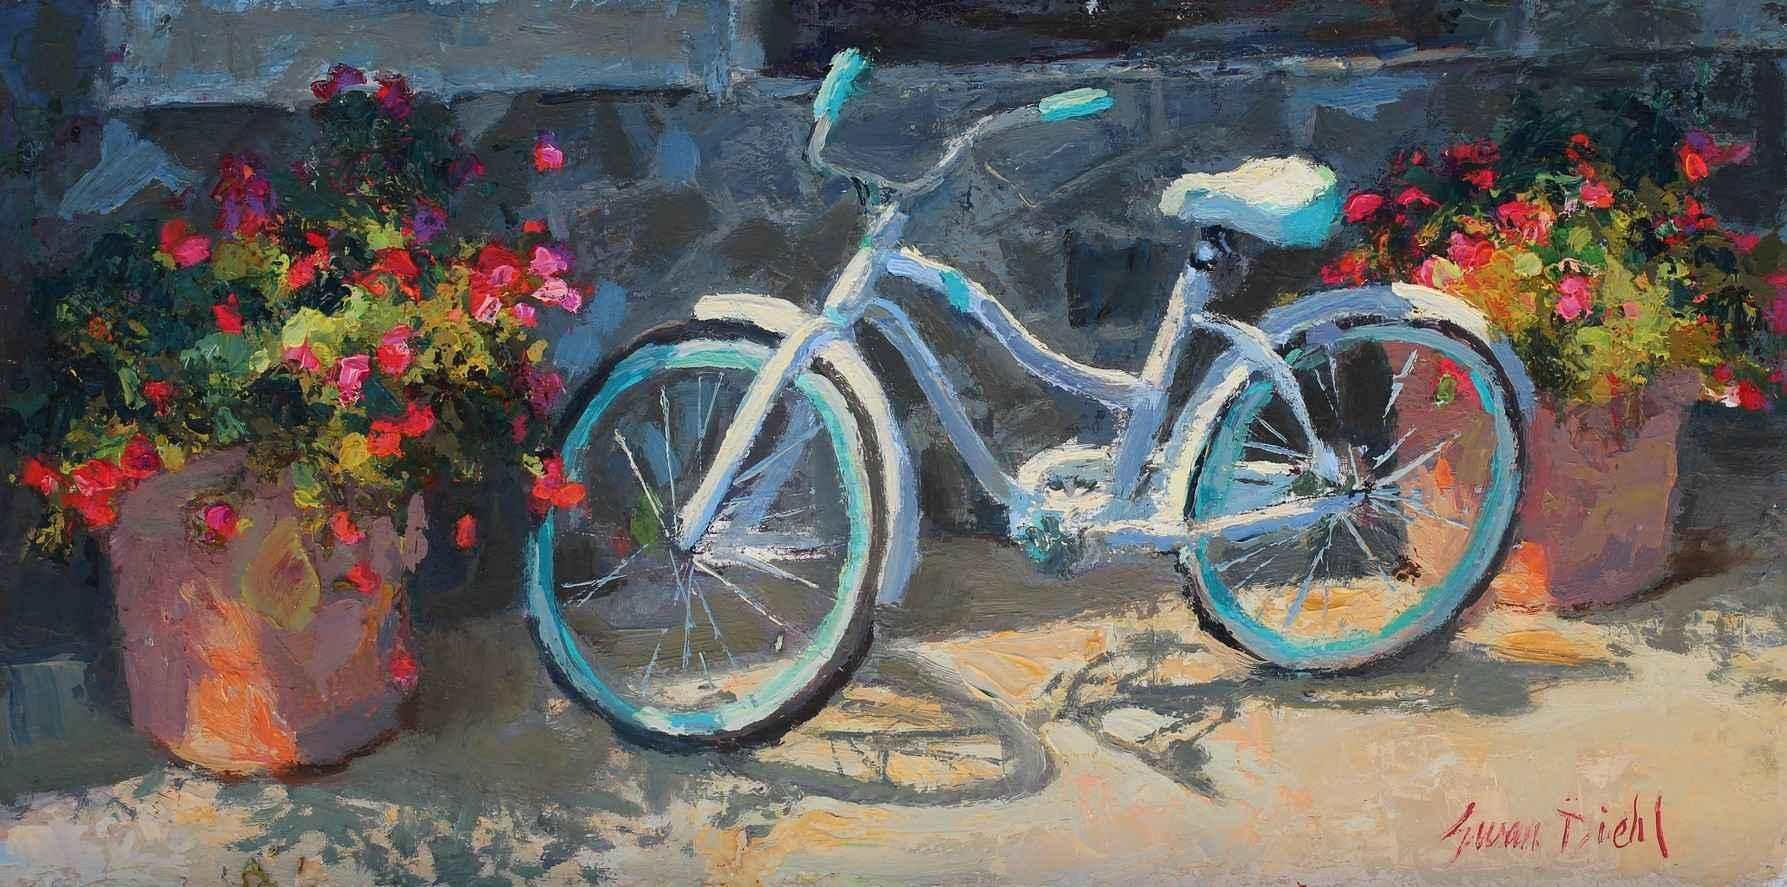 Flower Pedals by  Susan Diehl - Masterpiece Online